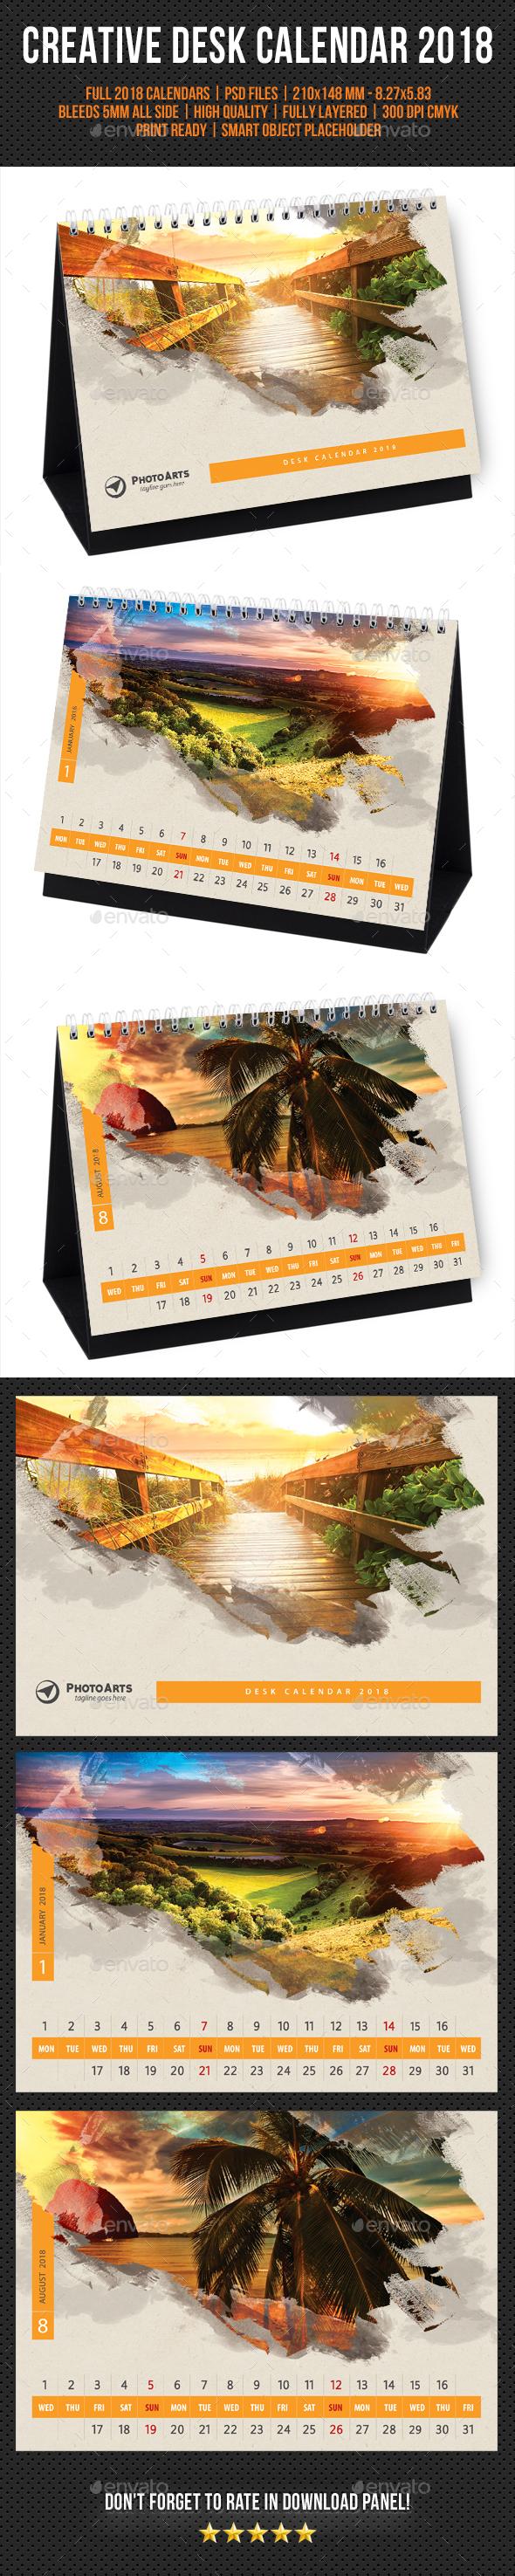 Creative Desk Calendar 2018 V23 - Calendars Stationery